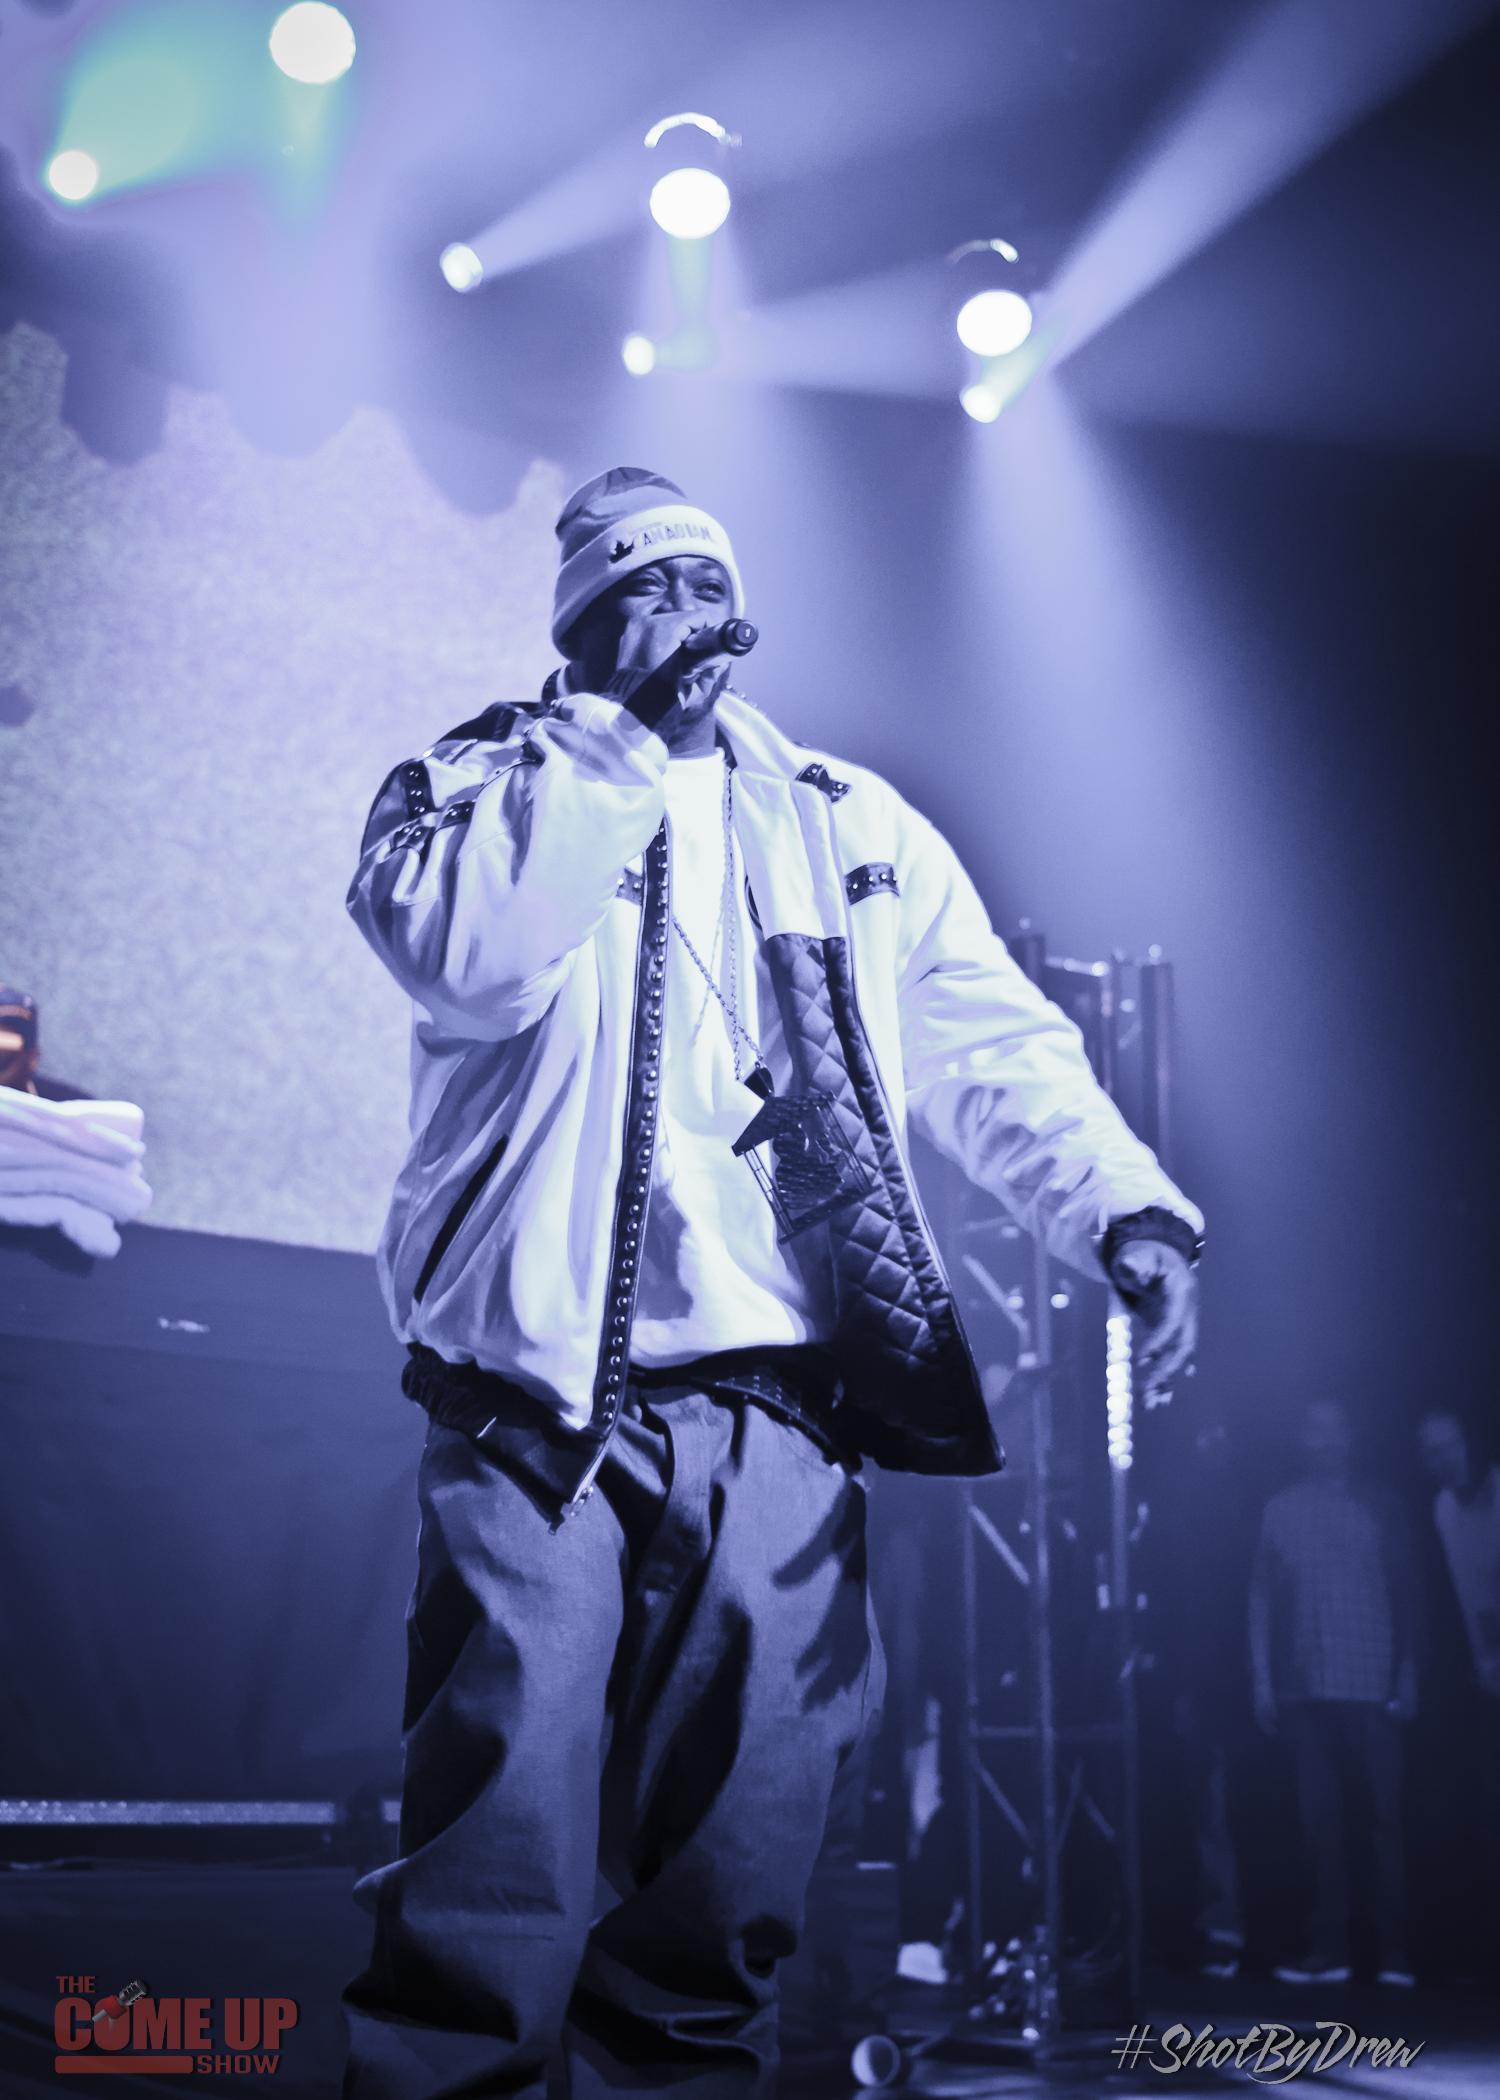 Ghostface Killah @ Sound Academy Ghostface Killah @ Sound Academy